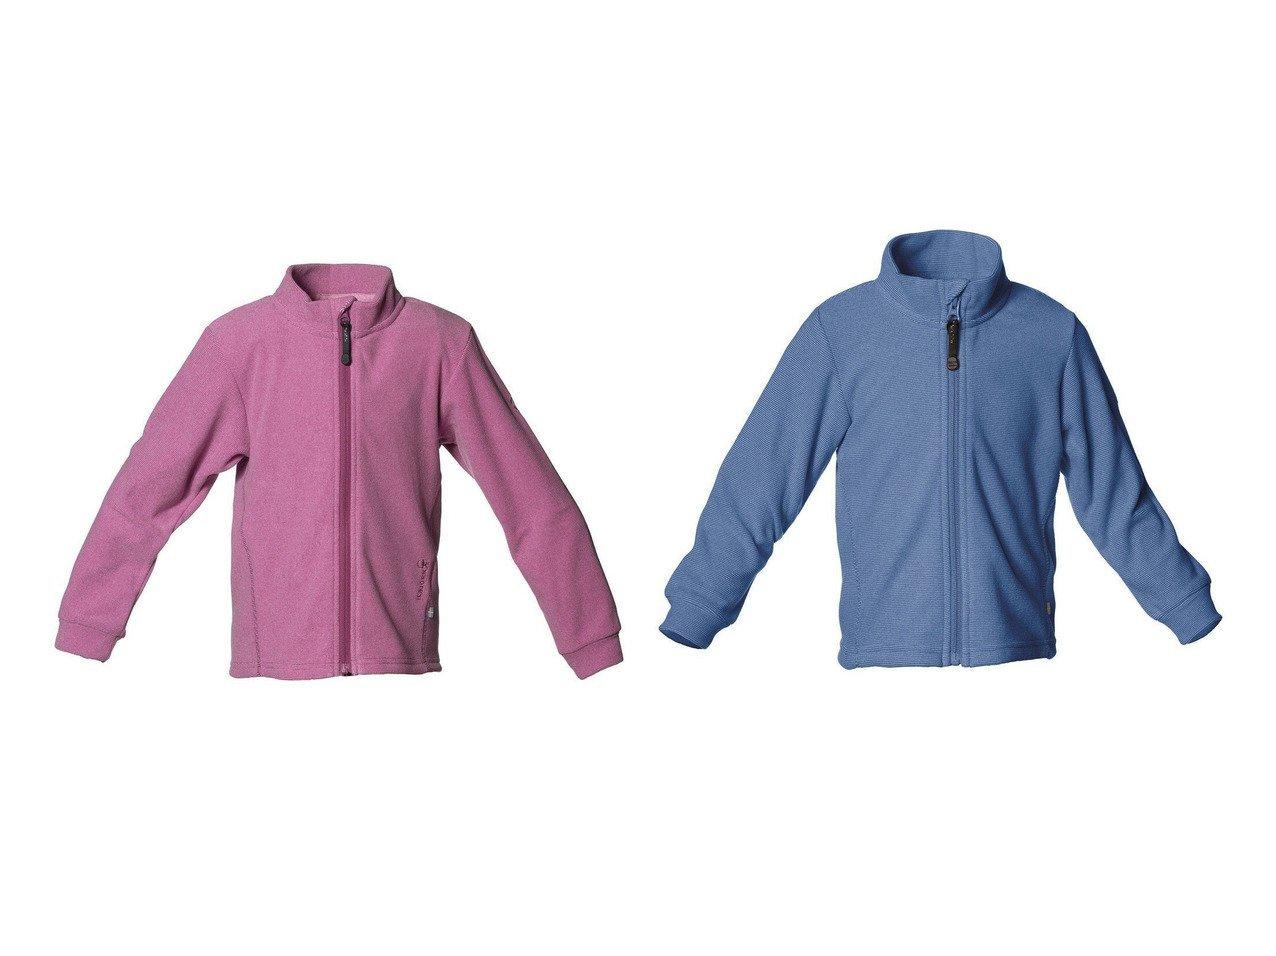 【PeakPerformance / MEN/ピークパフォーマンス】のISBJORN【フリース】Freeride Jacket 【KIDS】子供服のおすすめ!人気トレンド・キッズファッションの通販  おすすめで人気の流行・トレンド、ファッションの通販商品 インテリア・家具・メンズファッション・キッズファッション・レディースファッション・服の通販 founy(ファニー) https://founy.com/ ファッション Fashion キッズファッション KIDS アウター Coat Outerwear /Kids 送料無料 Free Shipping ジャケット 吸水 春 Spring 秋 Autumn/Fall |ID:crp329100000044820